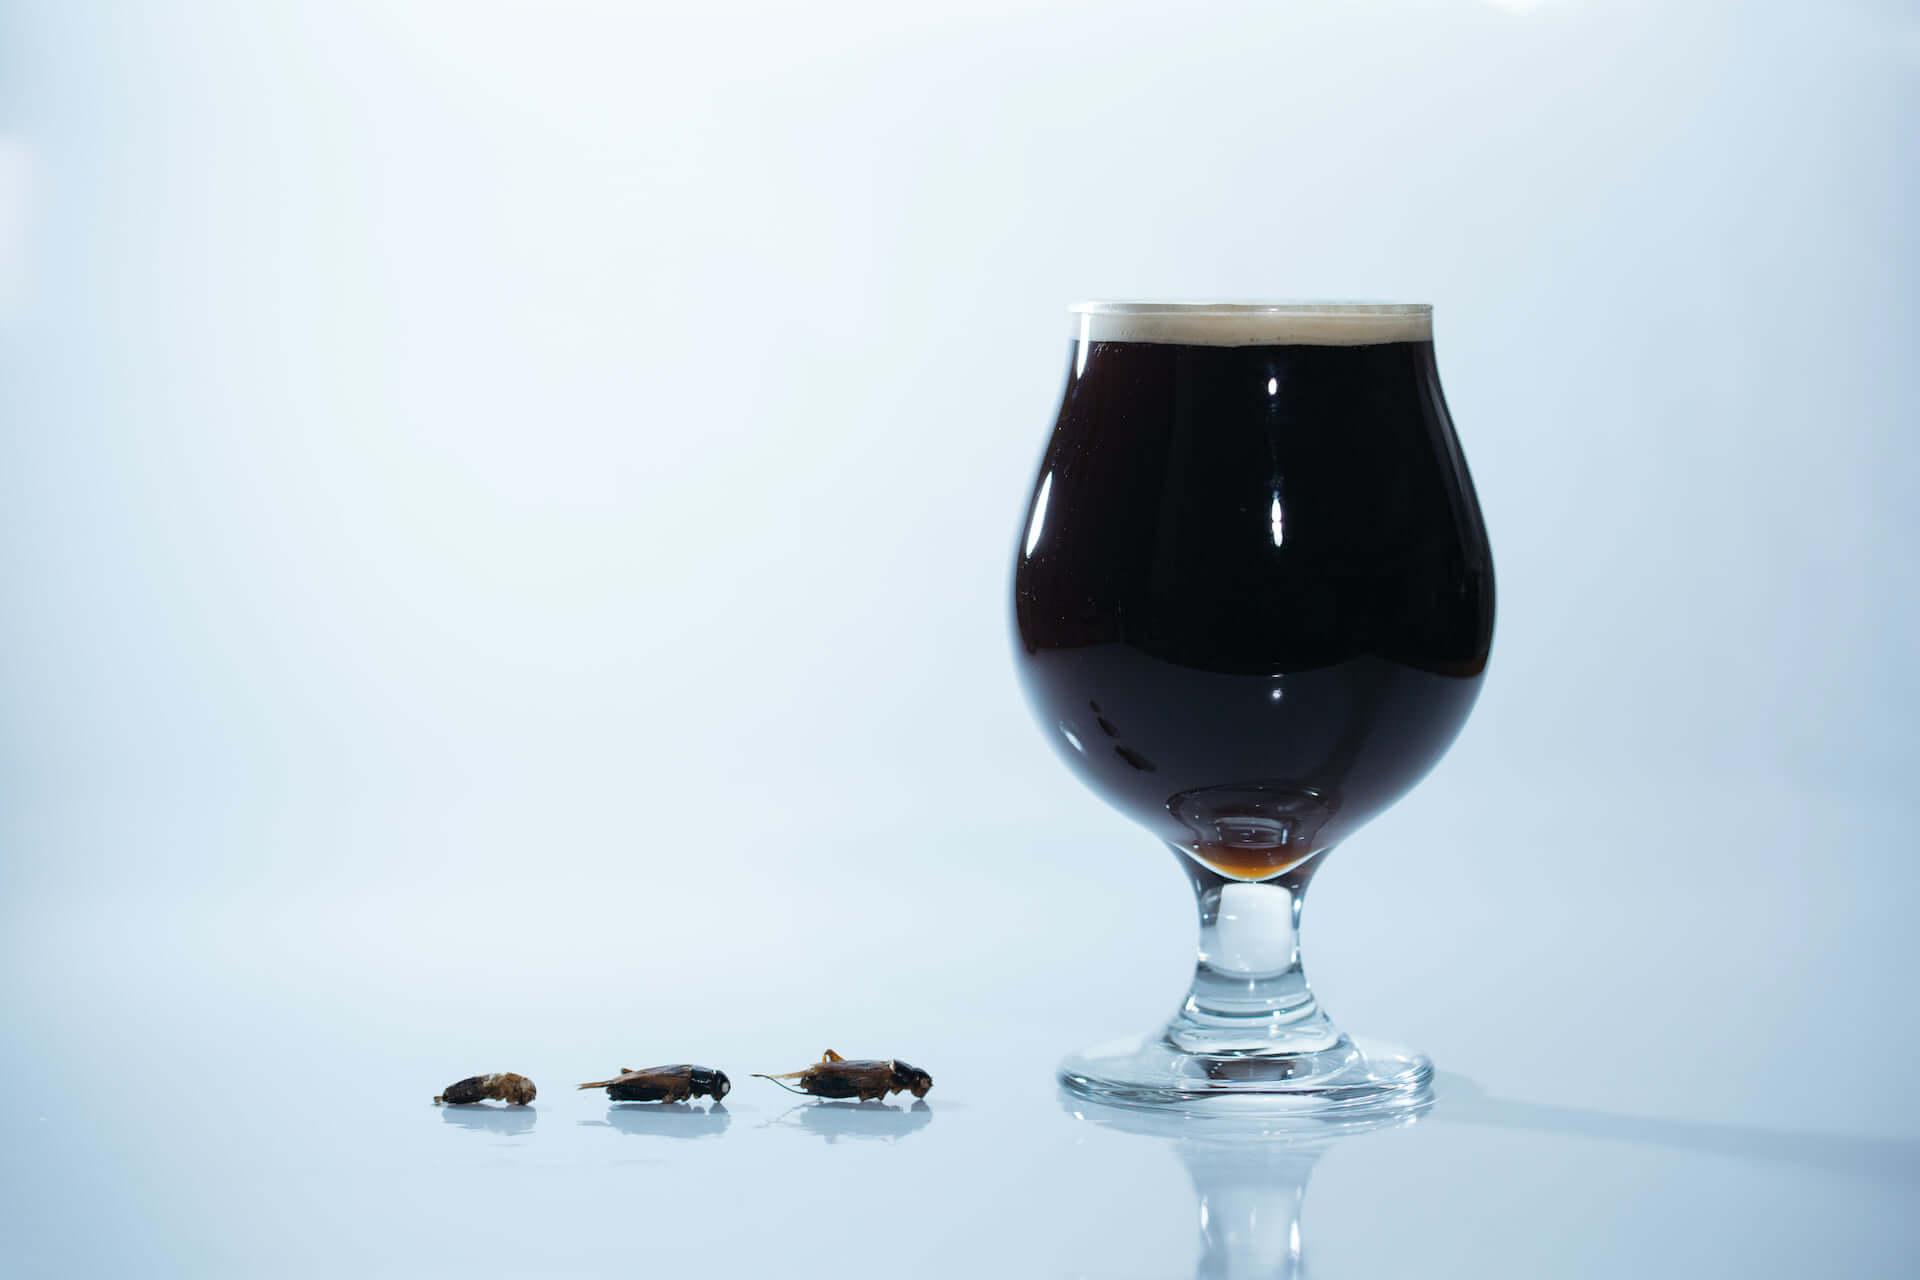 コオロギを原料に使用したクラフトビール『コオロギビール』がクラウドファンディングにて発売開始!オンライン飲み会にも gourmet200525_cricket_darkale_9-1920x1280